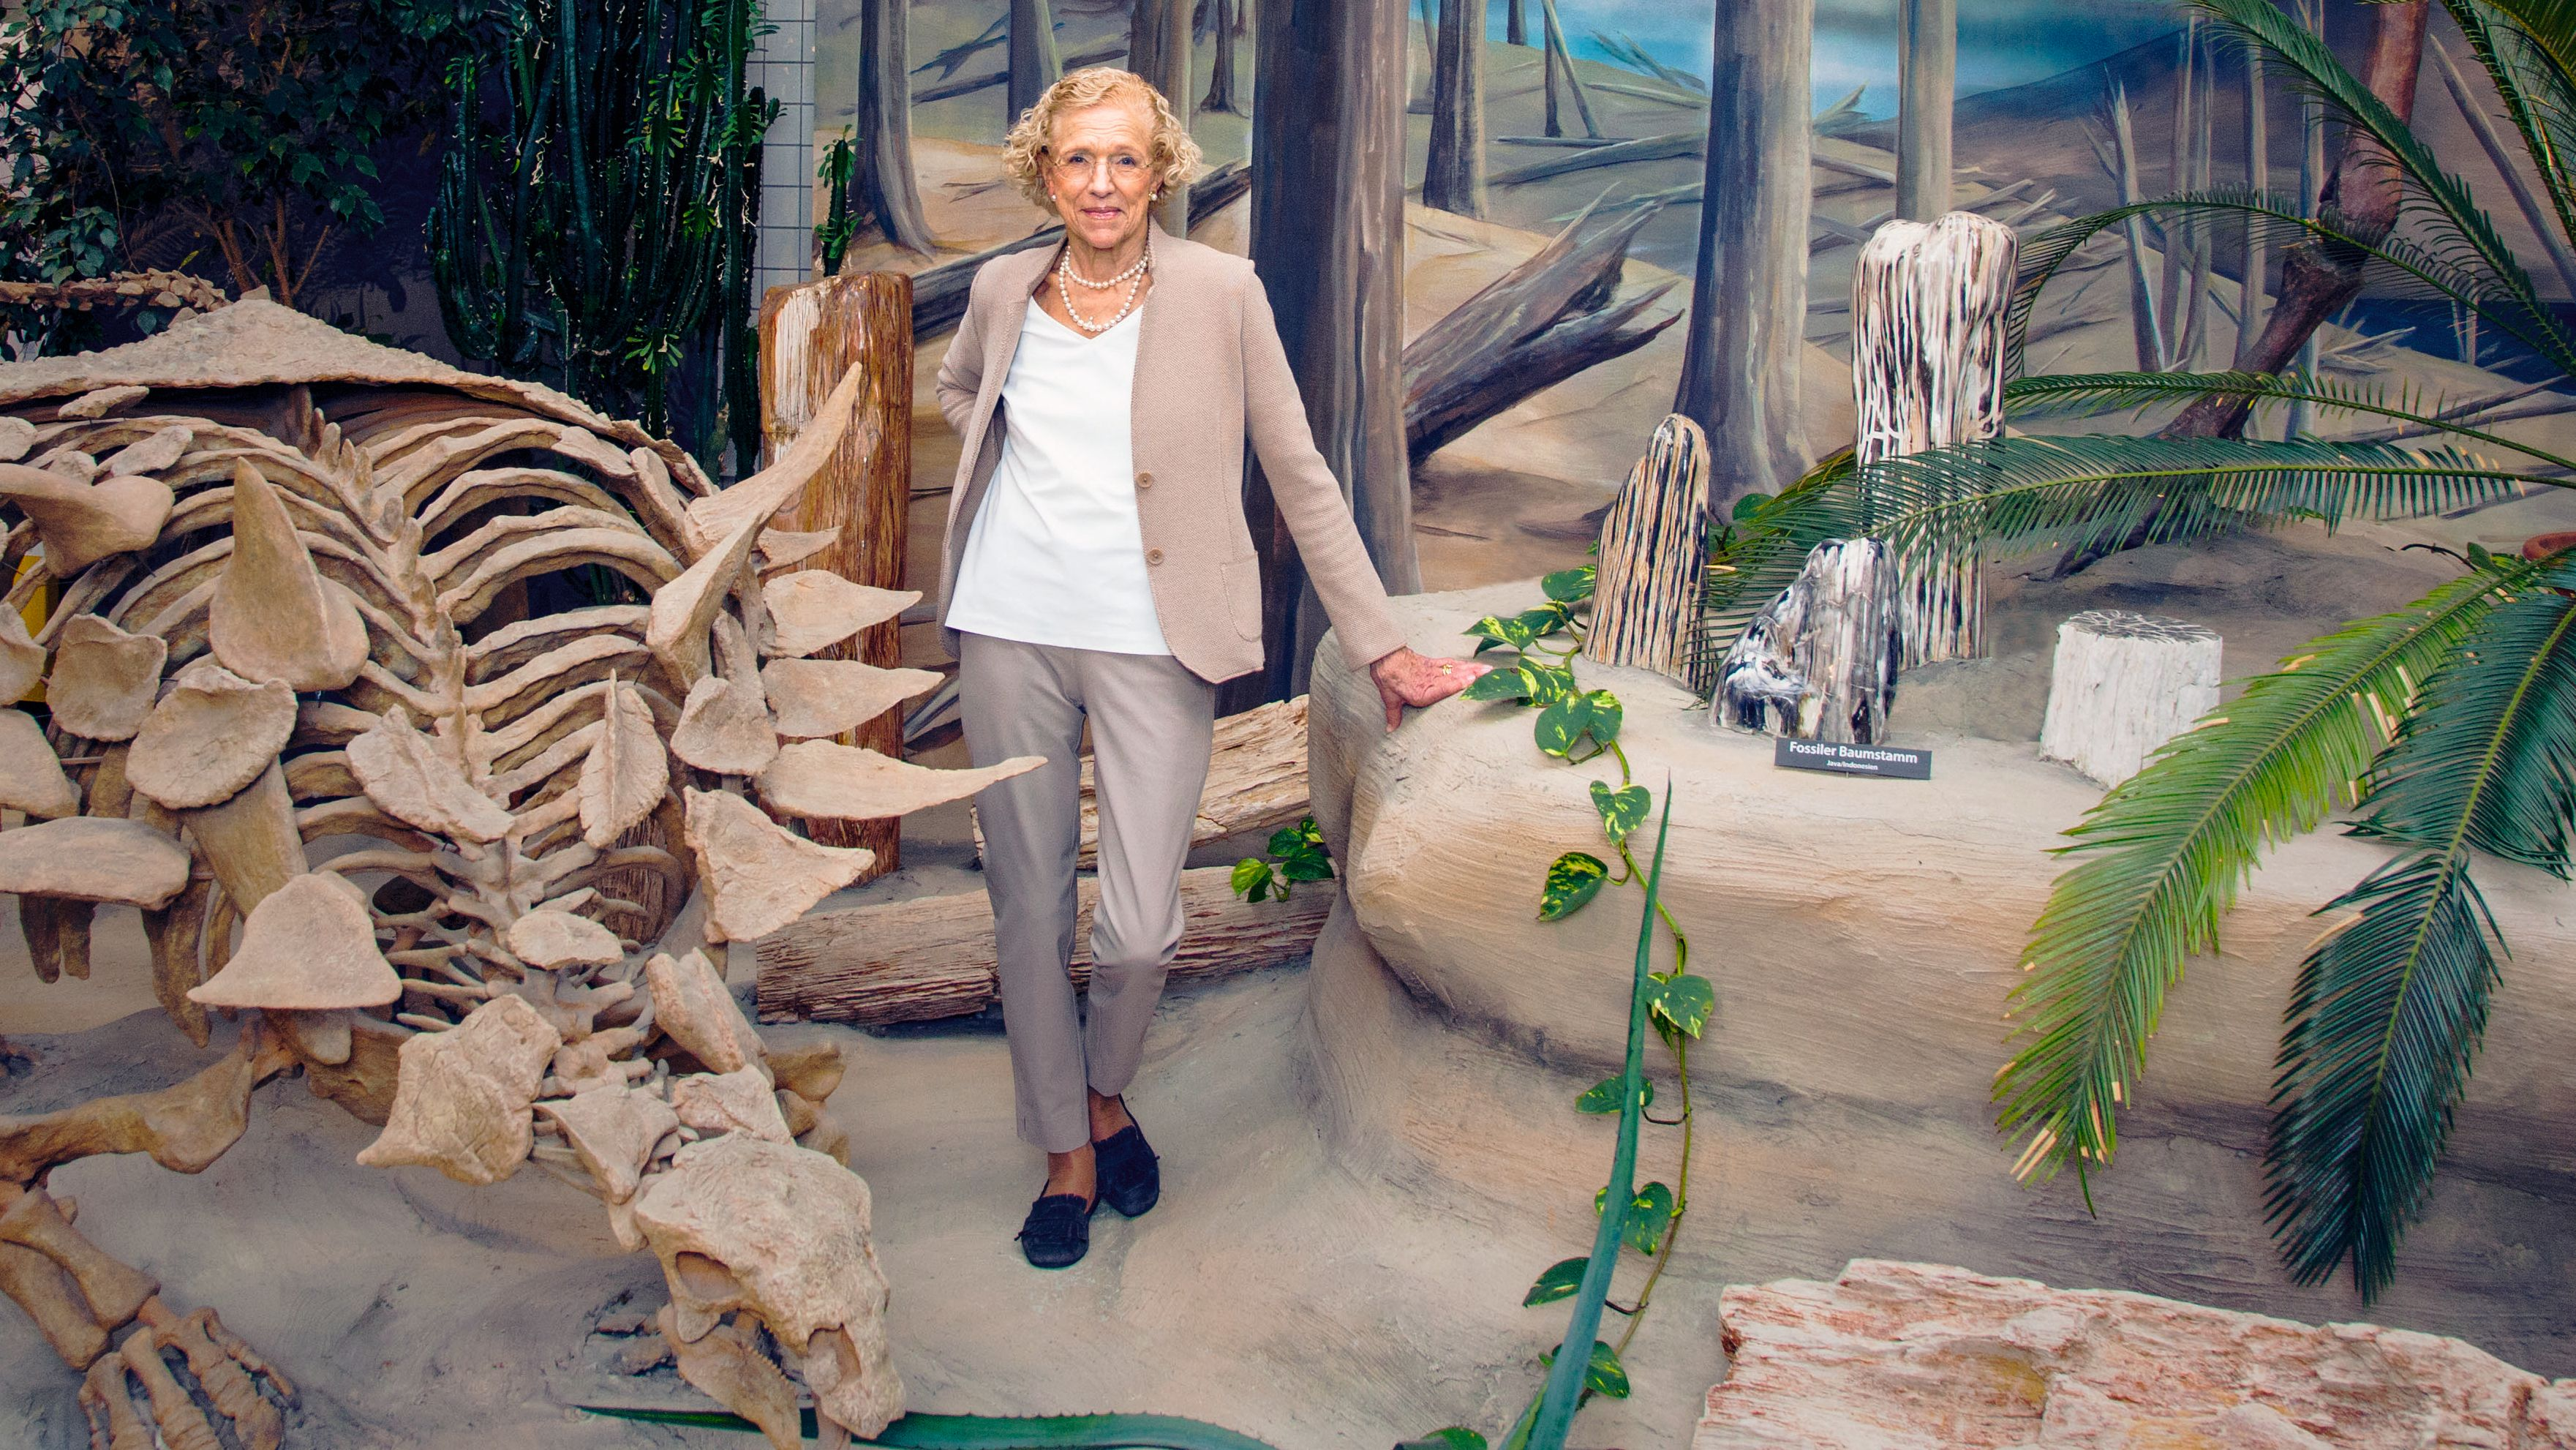 Eine ältere Frau steht neben einem Dinosaurierskelett.